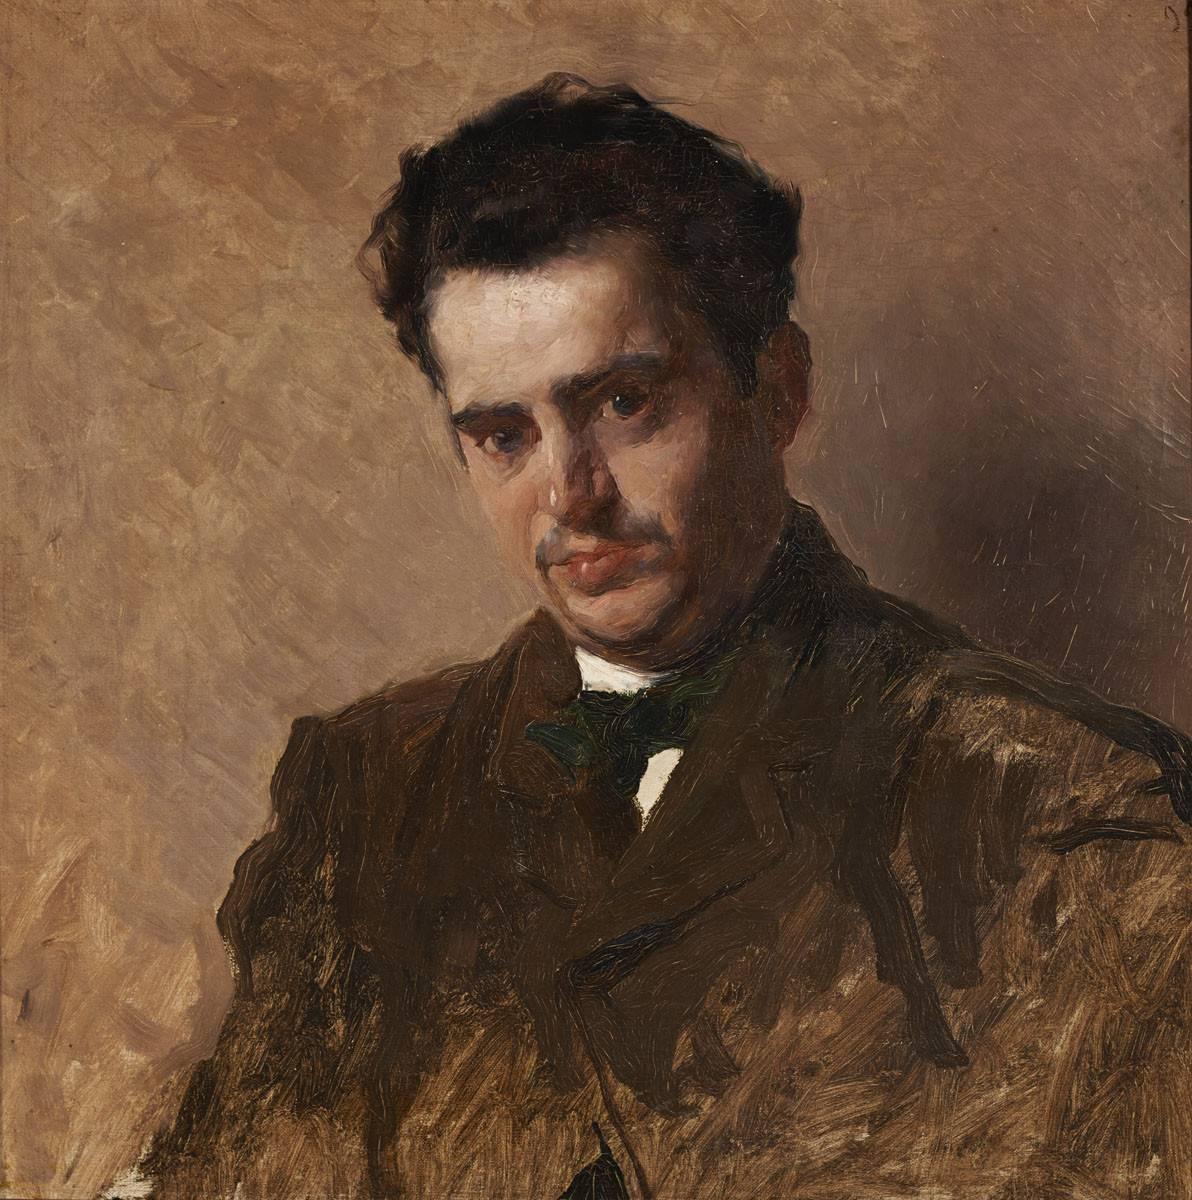 Obra ampliada: Retrato del pintor Fernando Cornu - Carlos Federico Sáez